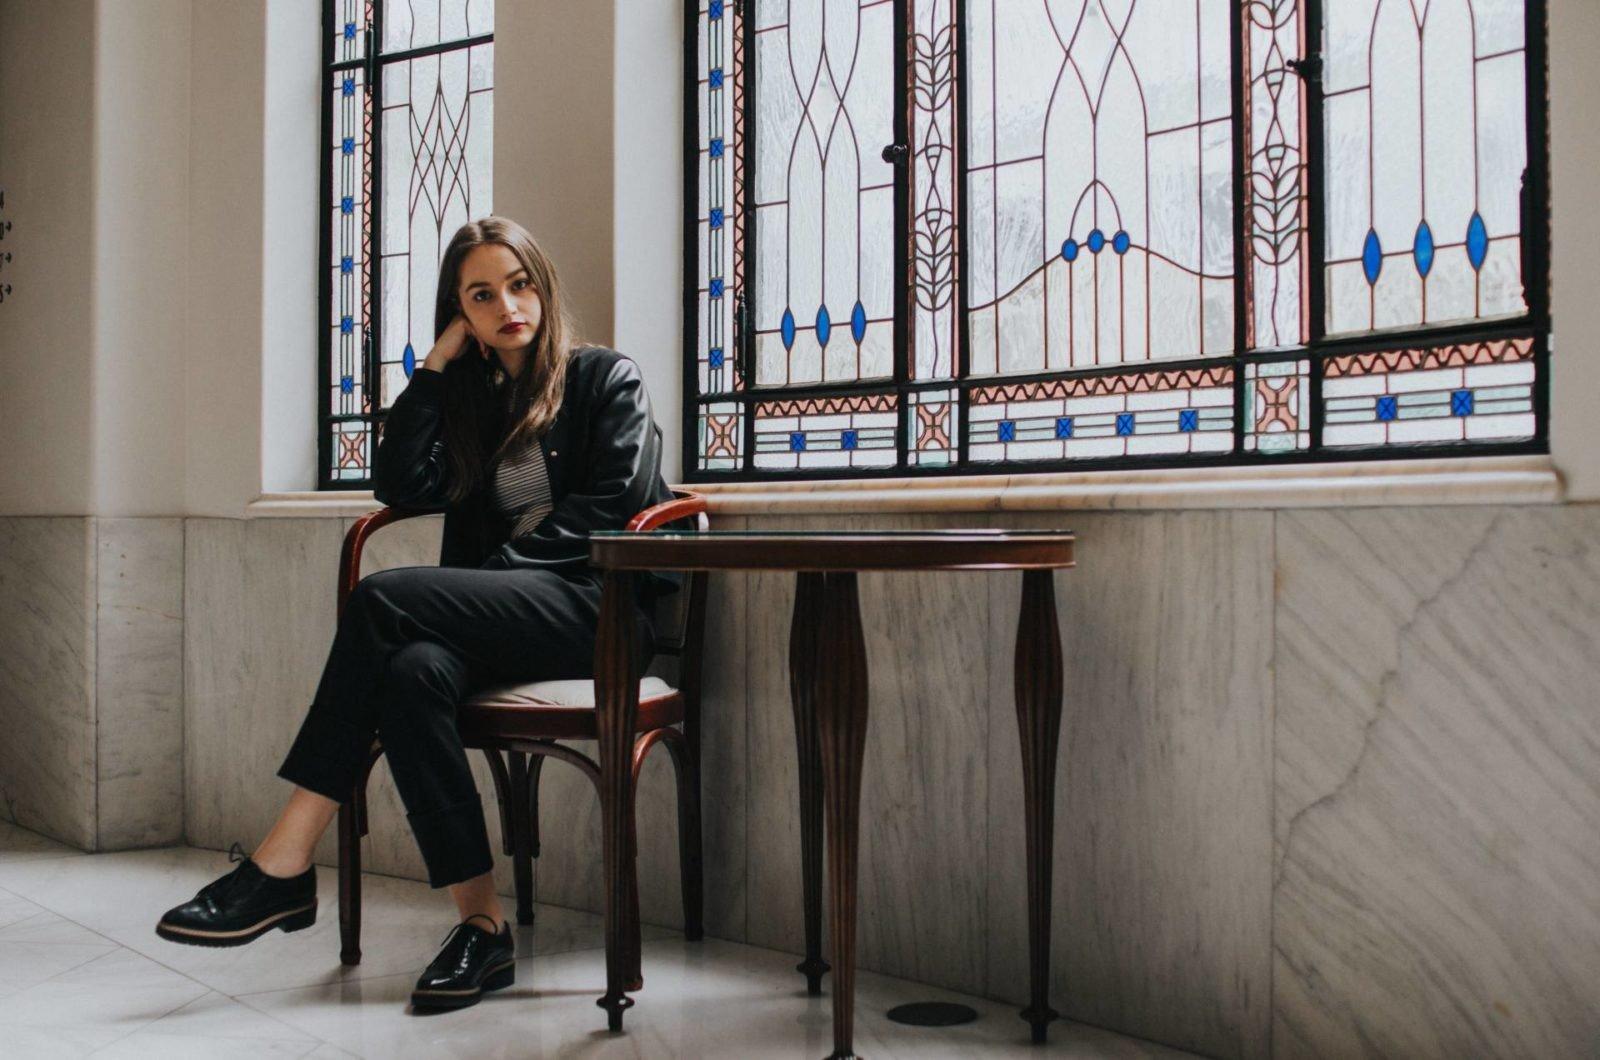 Megduplázhatja bevételeit a nemzetközileg elismert magyar divatmárka